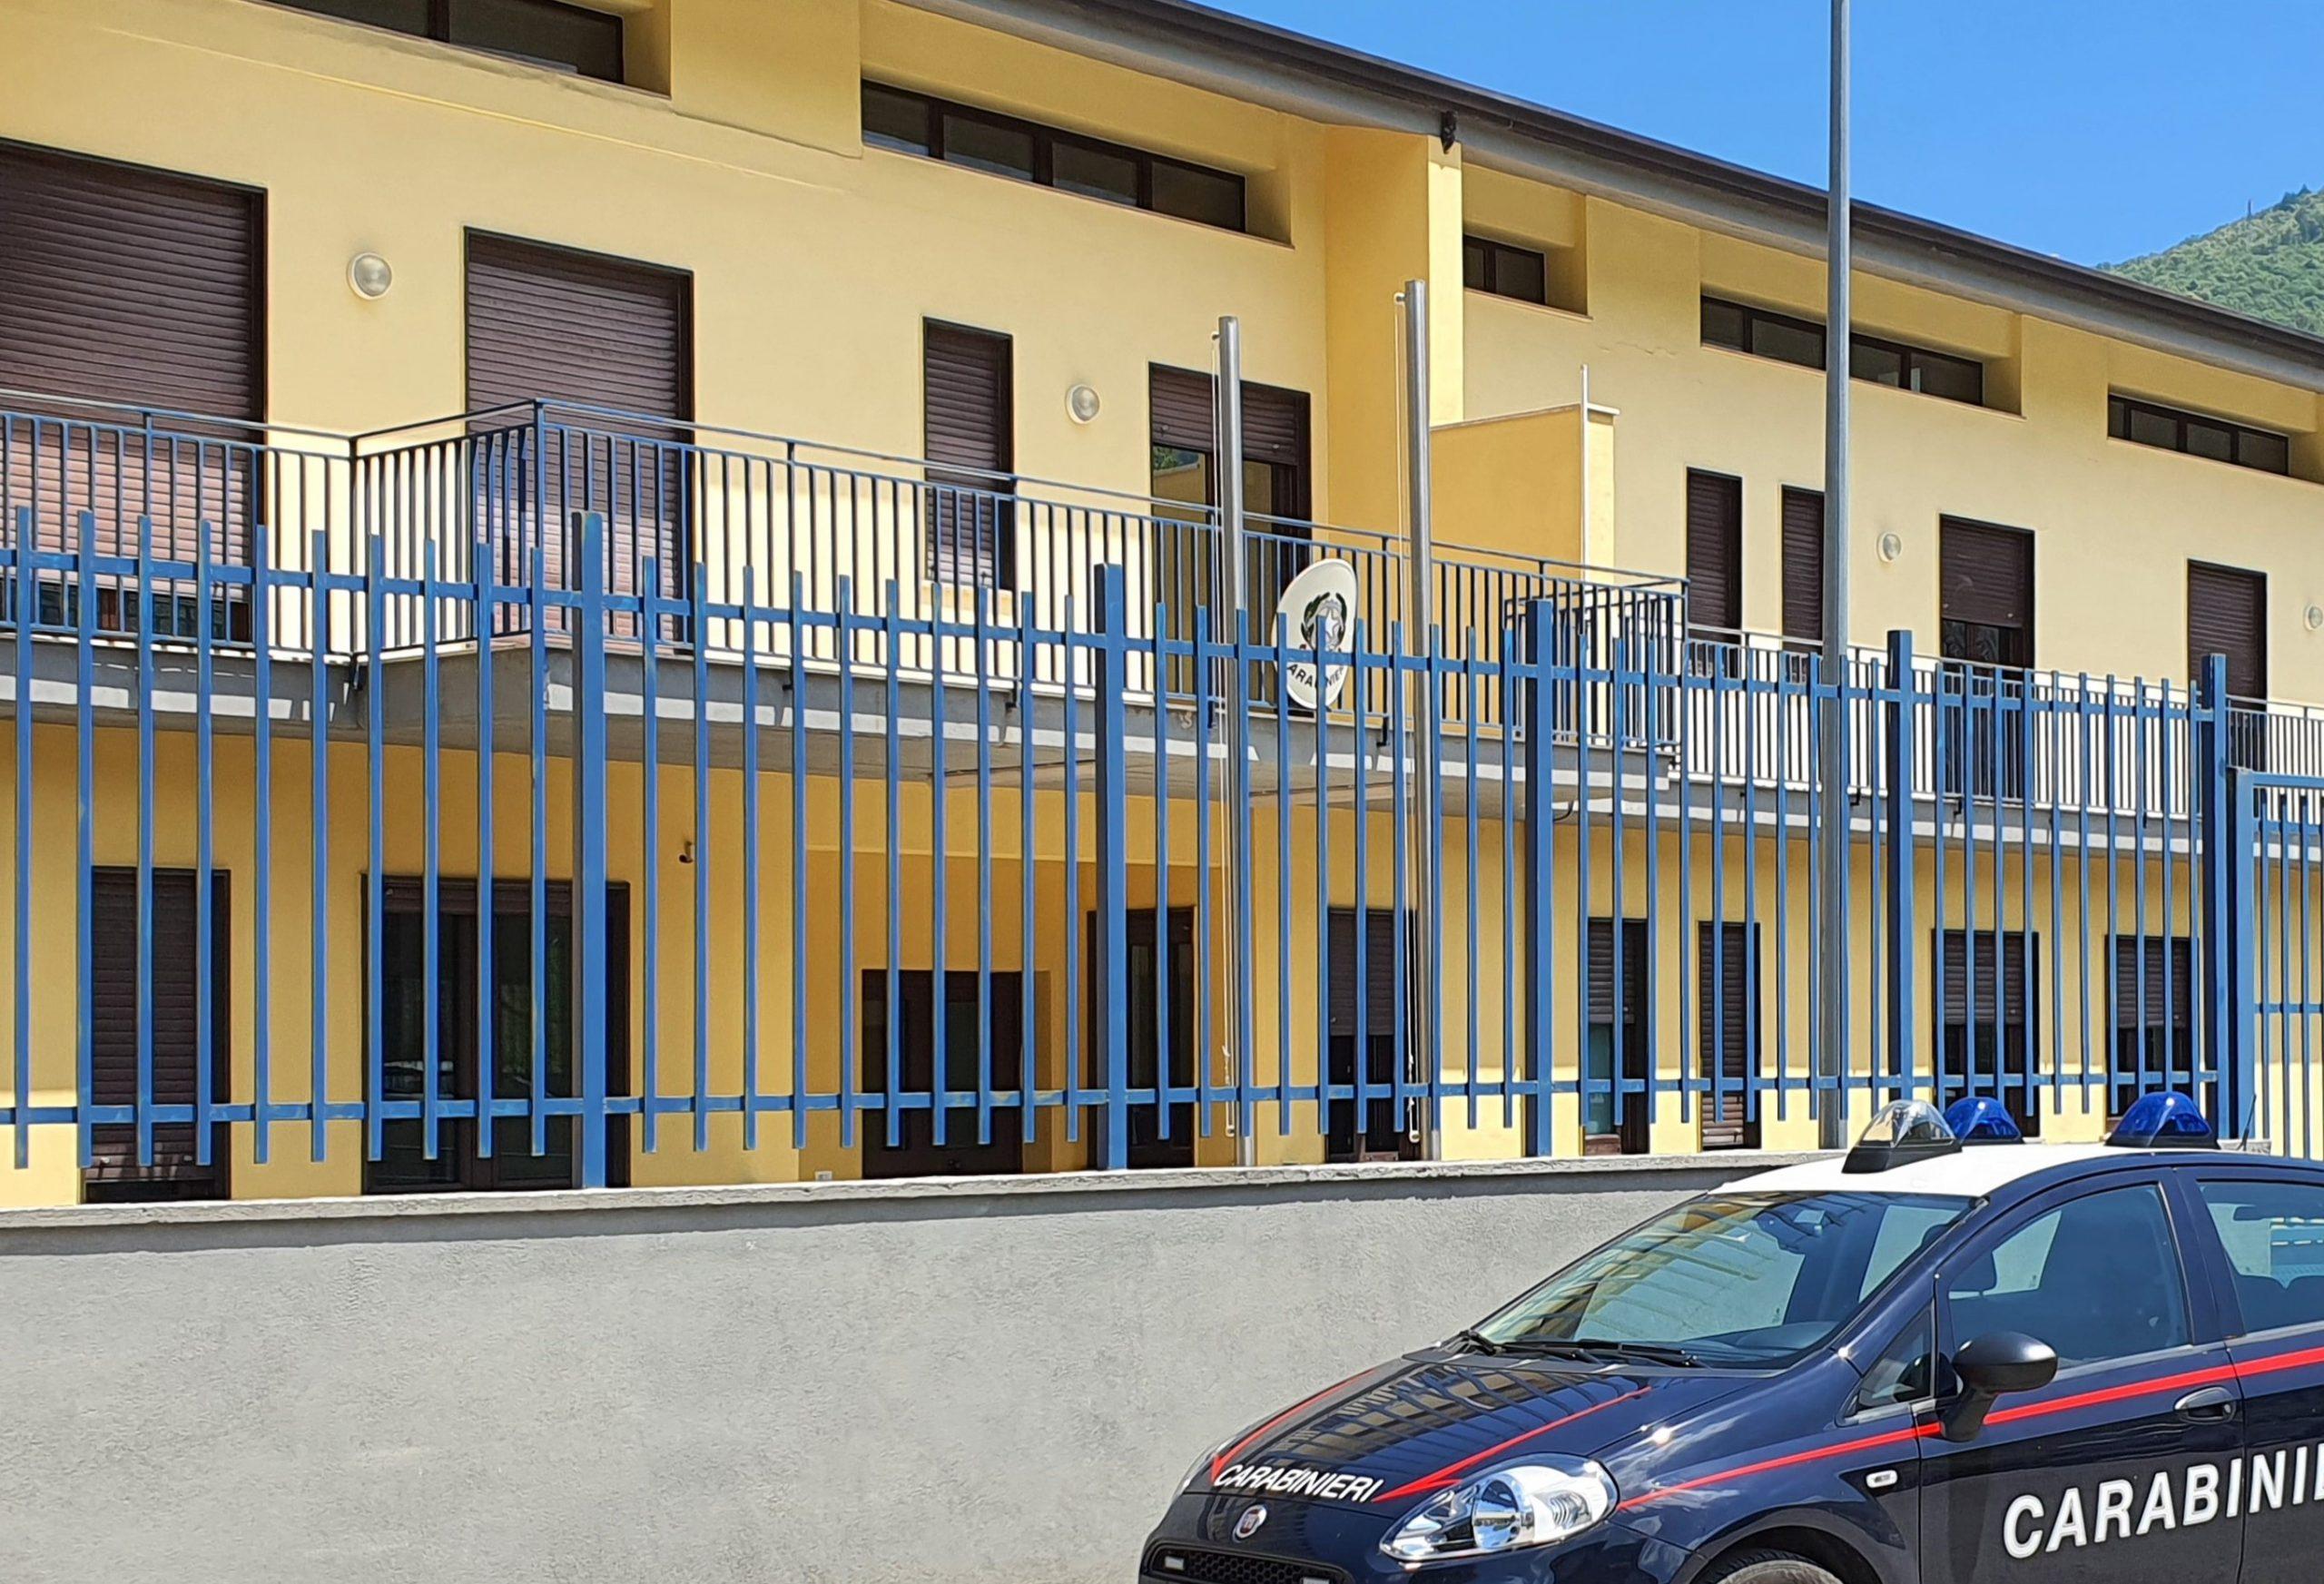 Monteforte Irpino| 400 euro per la mediazione su un appartamento in fitto, 50enne camerunense truffa giovane nigeriano